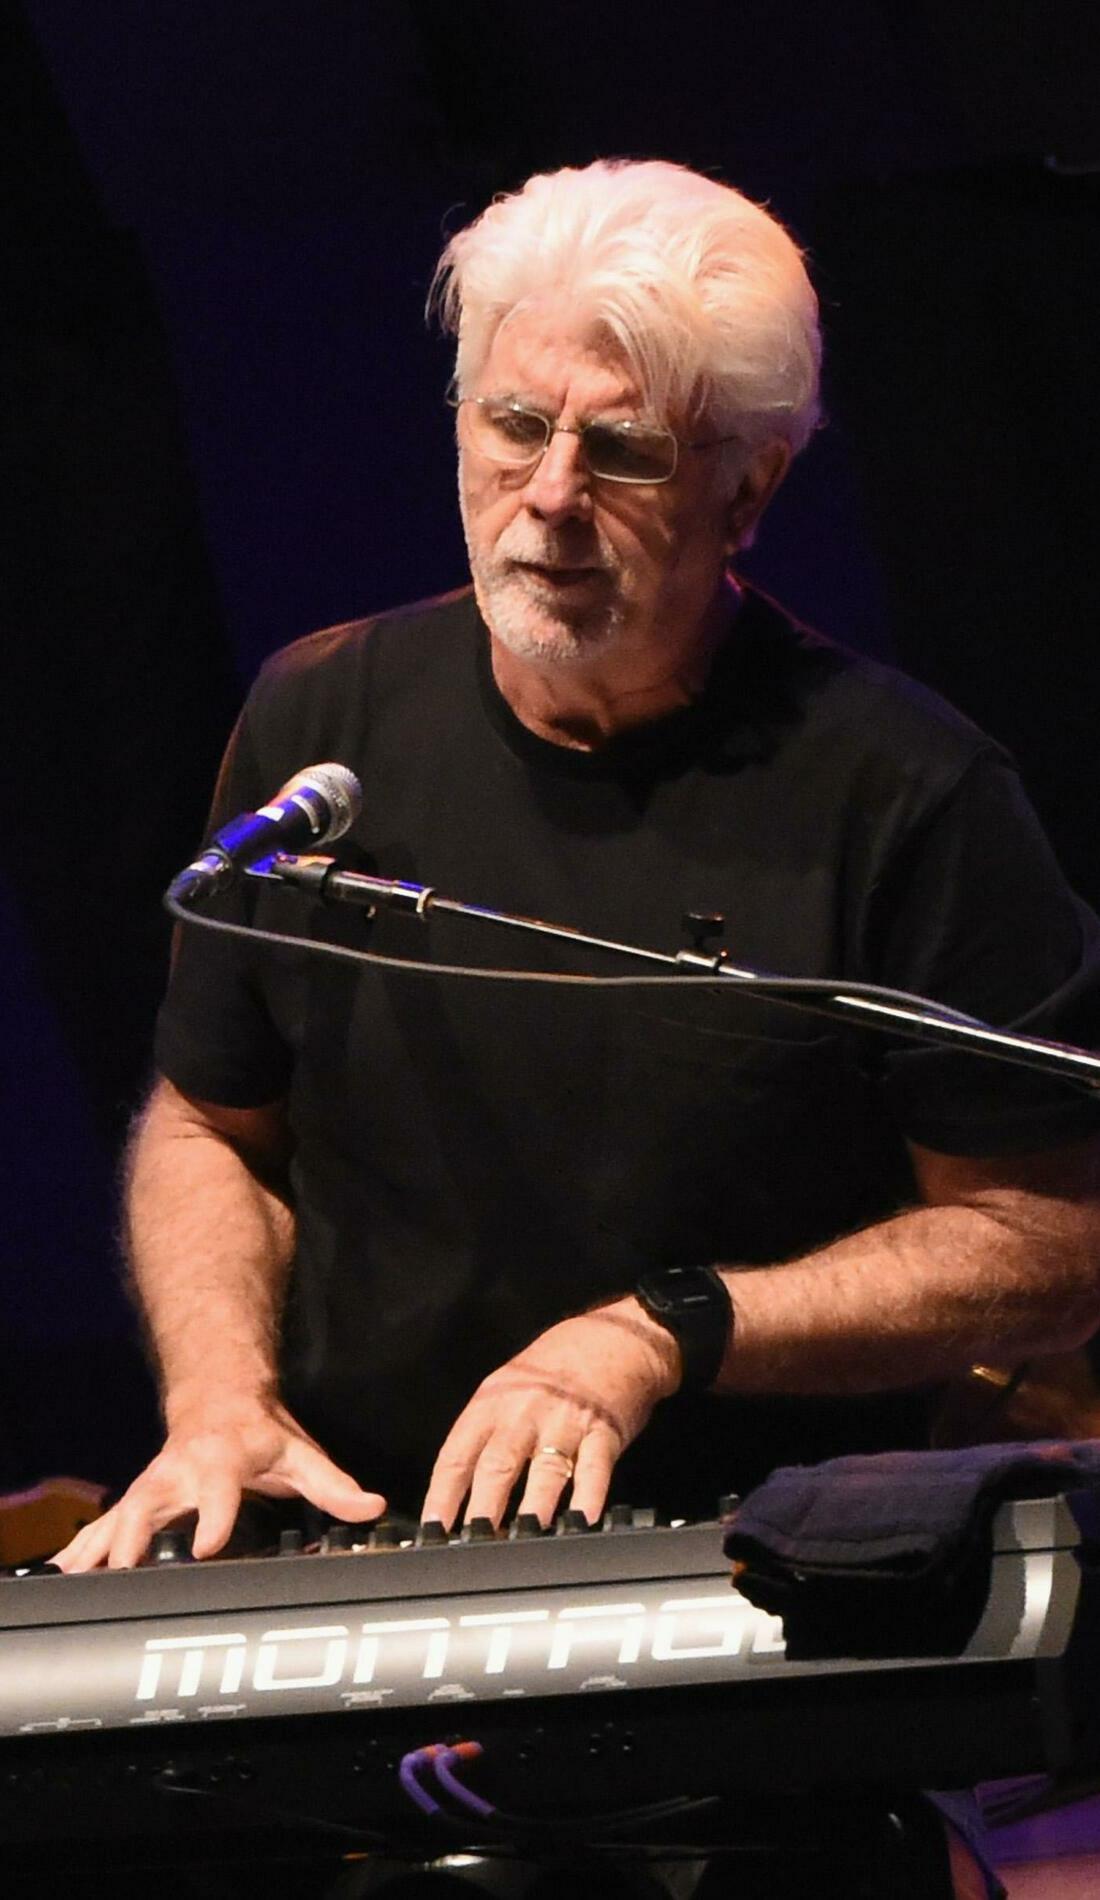 A Michael McDonald live event